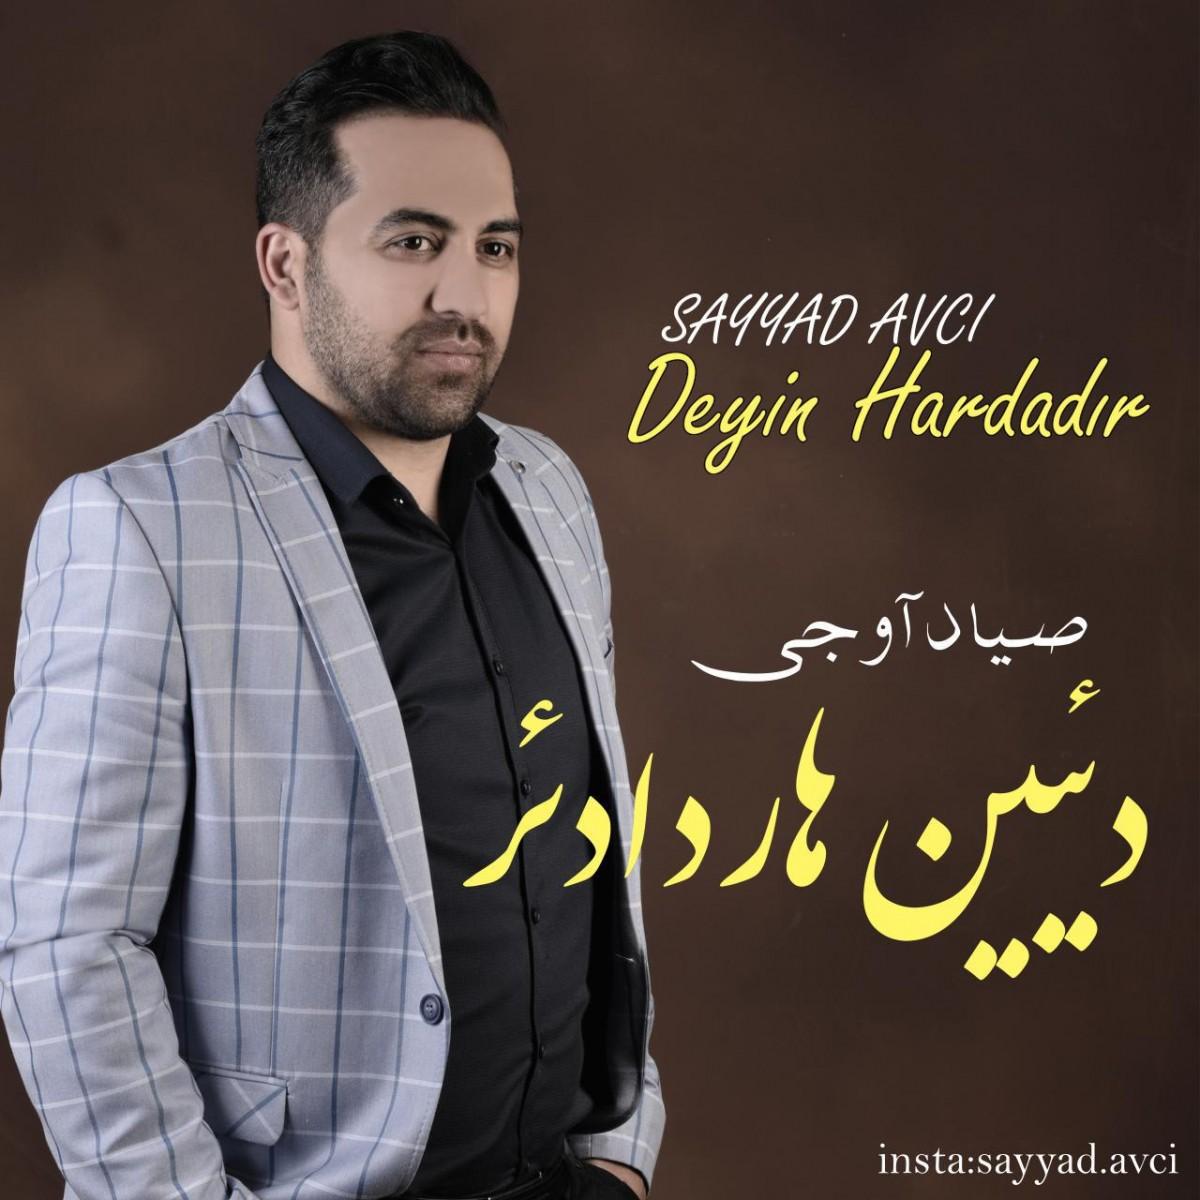 نامبر وان موزیک | دانلود آهنگ جدید Sayyad-Avci-Deyin-Hardadir